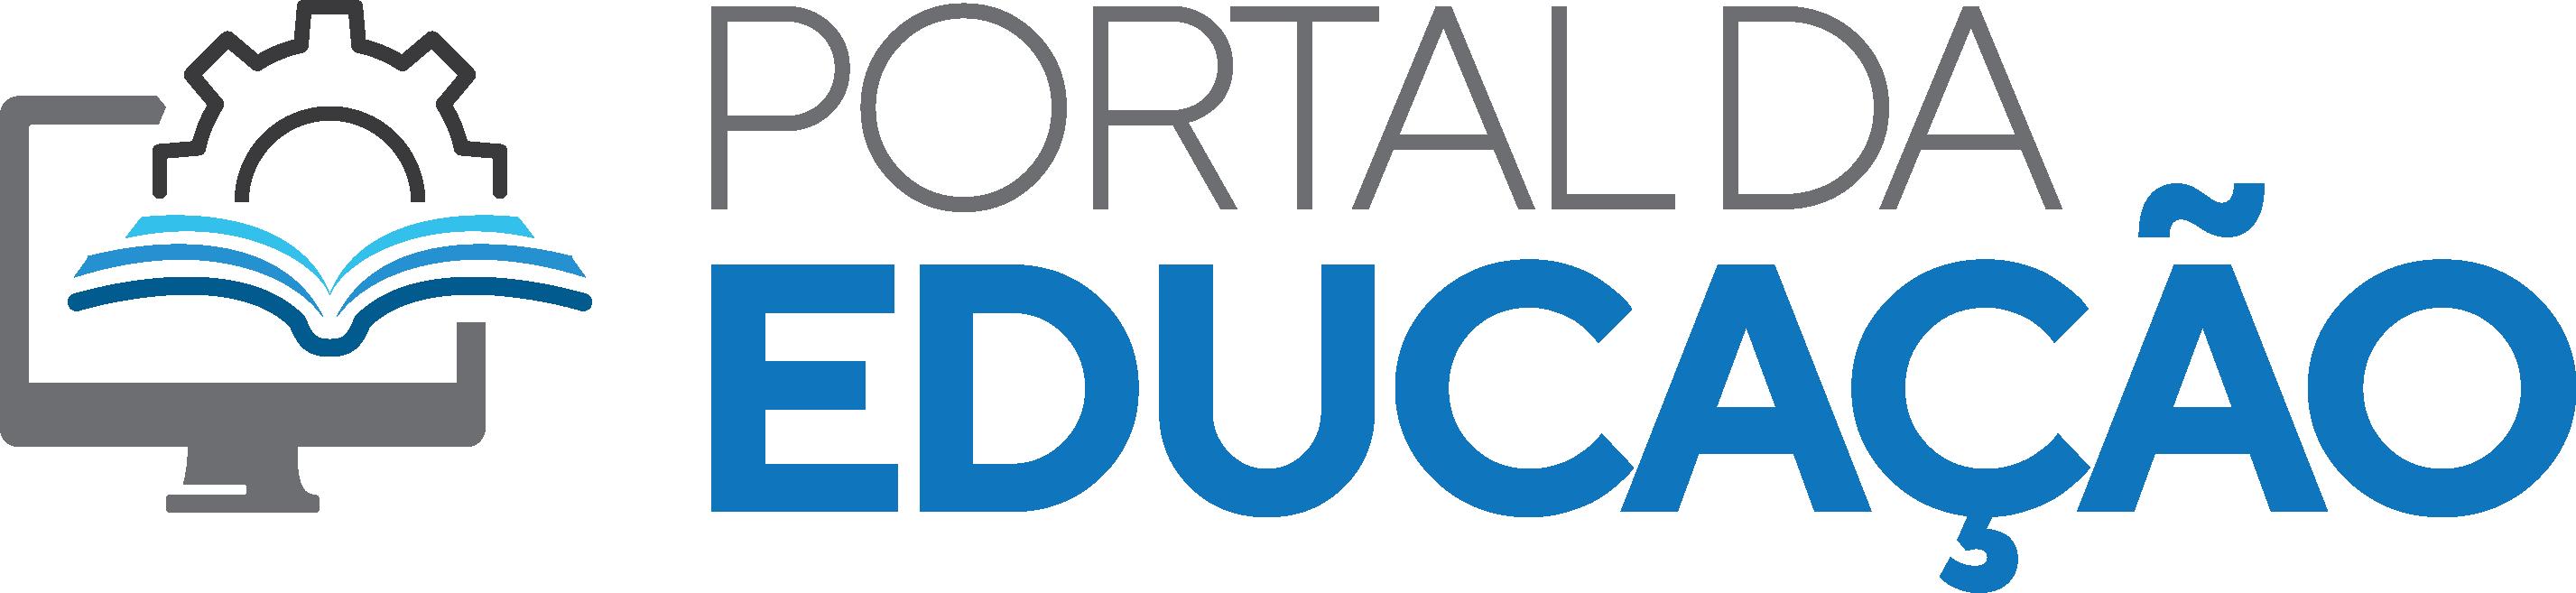 Marca do Portal da Educação